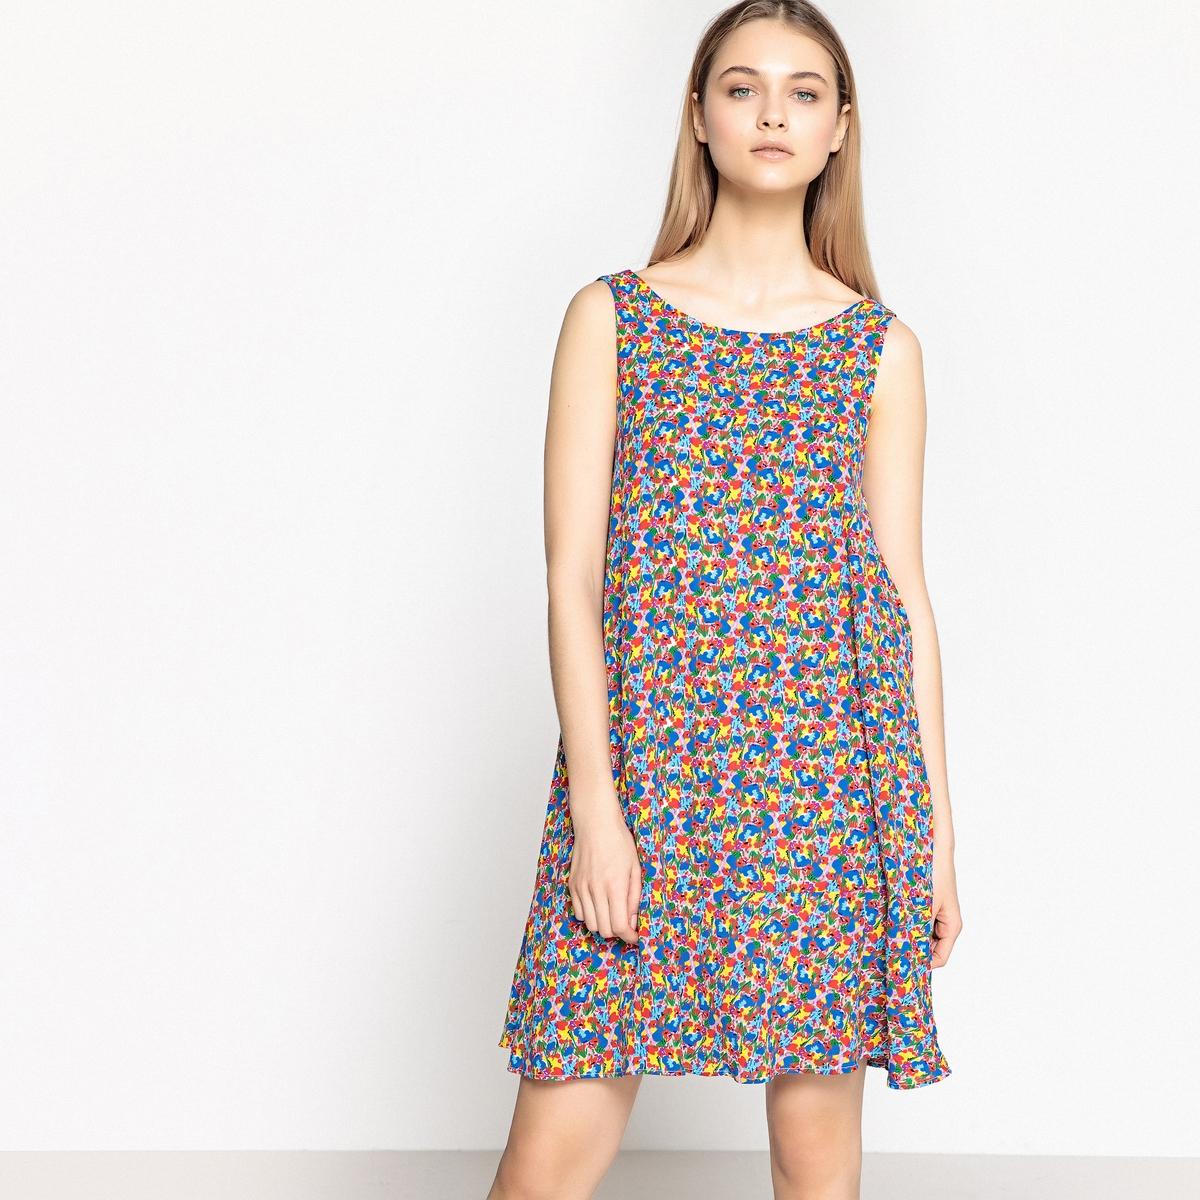 Платье с разноцветным цветочным рисунком  воланами по низу